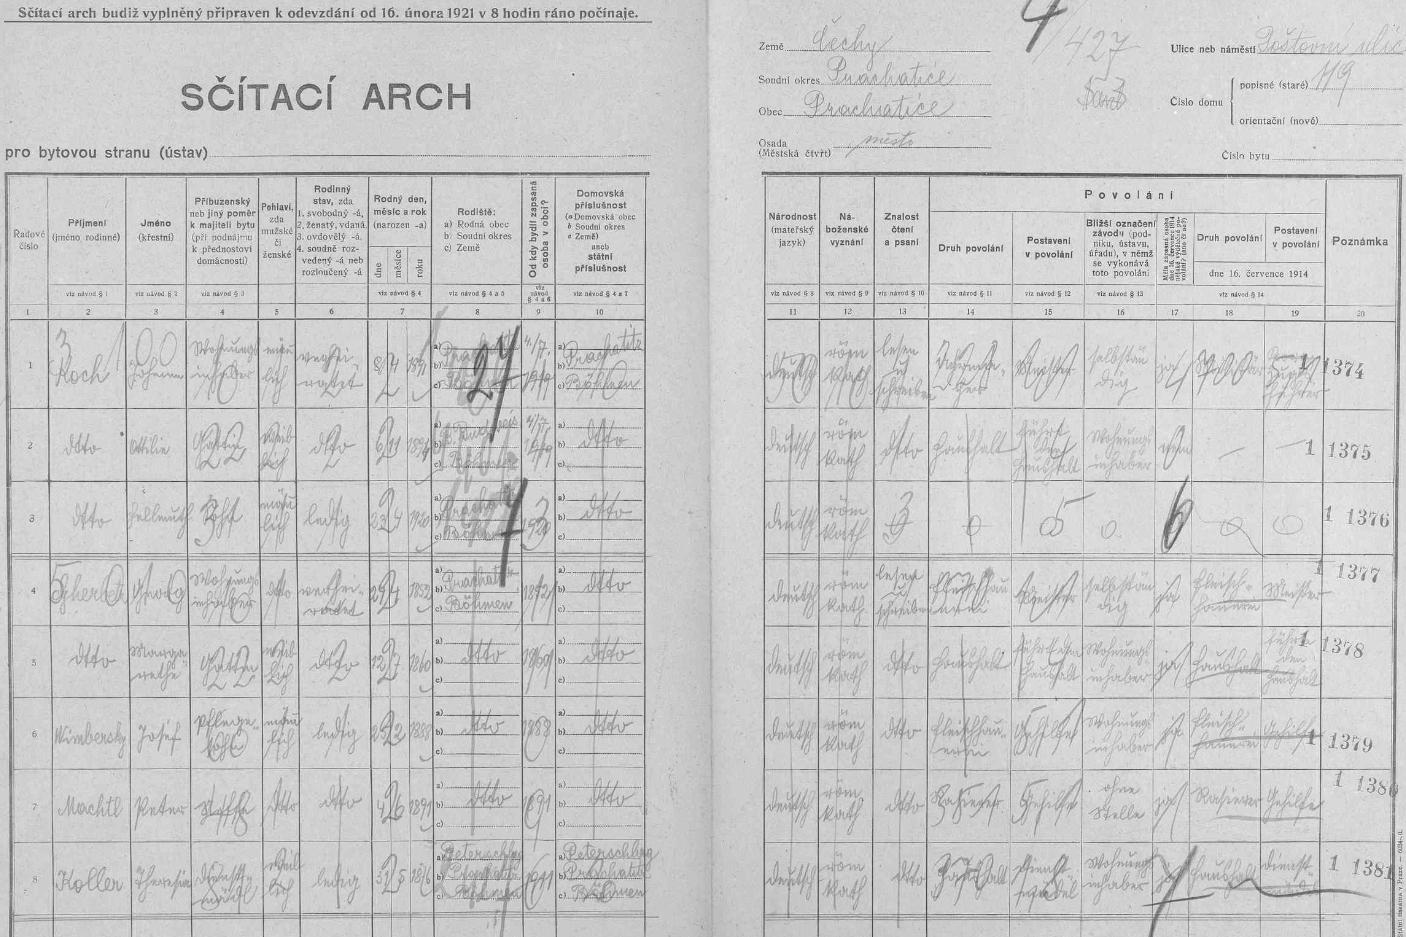 Jeden z archů sčítání lidu z roku 1921 pro dům čp. 119 v prachatické Poštovní ulici, kde mj. žil se svými pěstouny Georgem (*24. dubna 1852 v Prachaticích) a Margarethe (*12. července 1860 v Prachaticích) Gherbetzovými jako jejich svěřenec a řeznický pomocník v pěstounově živnosti tehdy ještě svobodný Josef Wimbersky (25. února 1888 vPrachaticích)